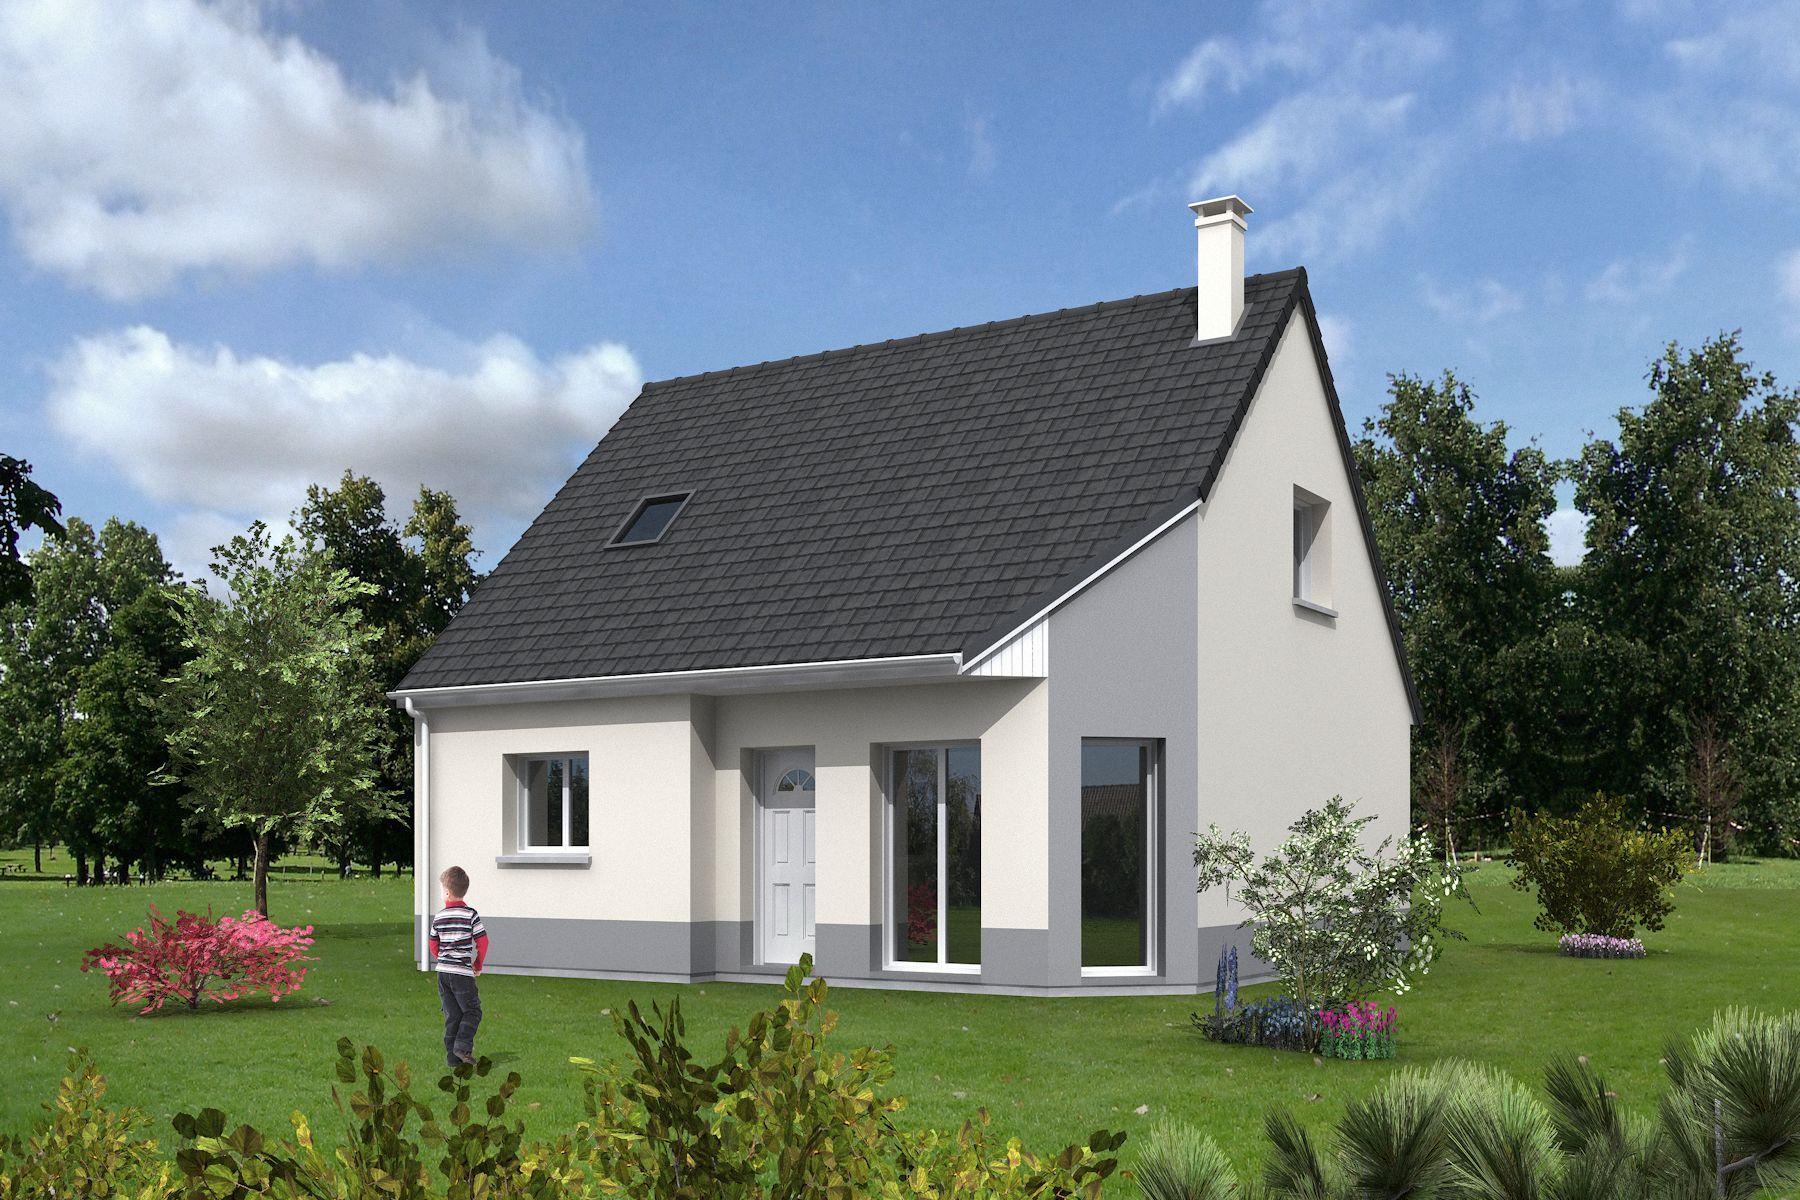 Maisons + Terrains du constructeur MAISONS MIMOSAS • 90 m² • BONNIERES SUR SEINE